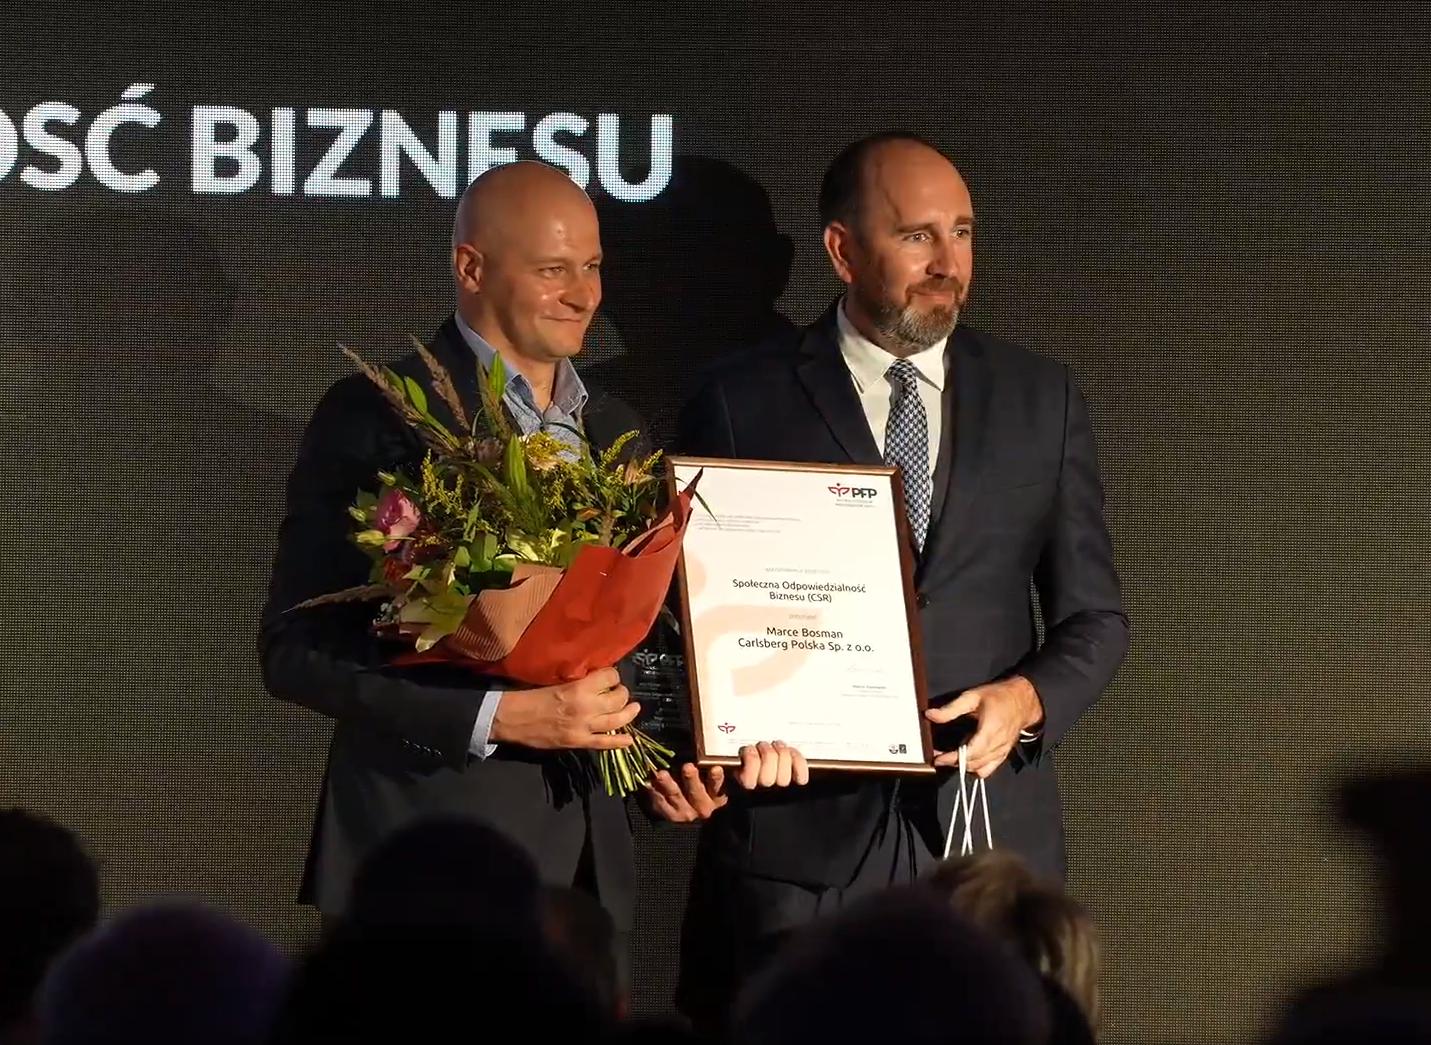 Marka Bosman Szczeciński otrzymała nagrodę